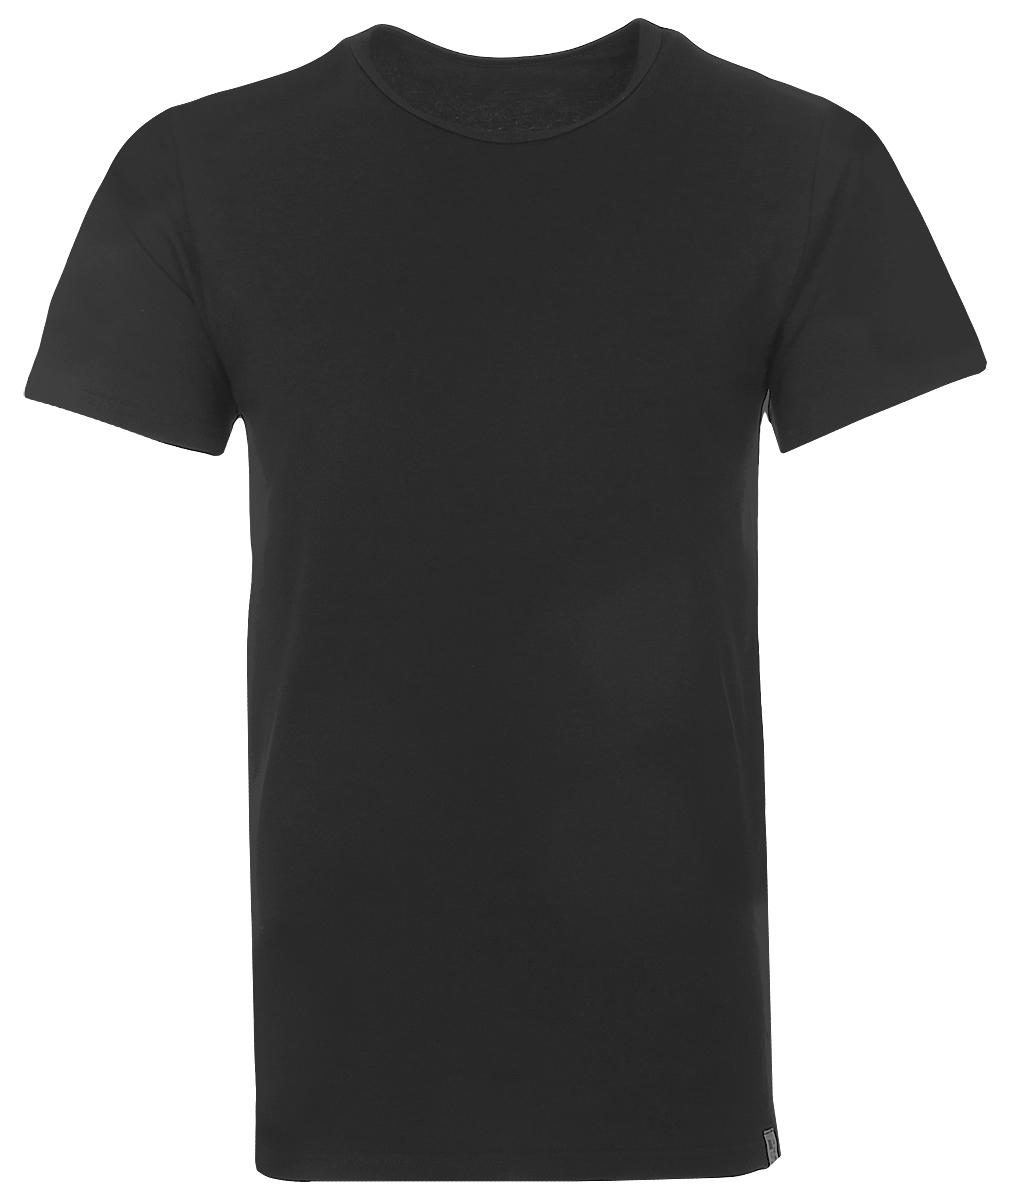 Футболка мужская Griff, цвет: черный. U01321. Размер XXXL (54)U01321Мужская футболка Griff с короткими рукавами и круглым вырезом горловины выполнена из хлопка с добавлением эластана. Однотонная футболка великолепно тянется, не сковывает движения и превосходно сидит.